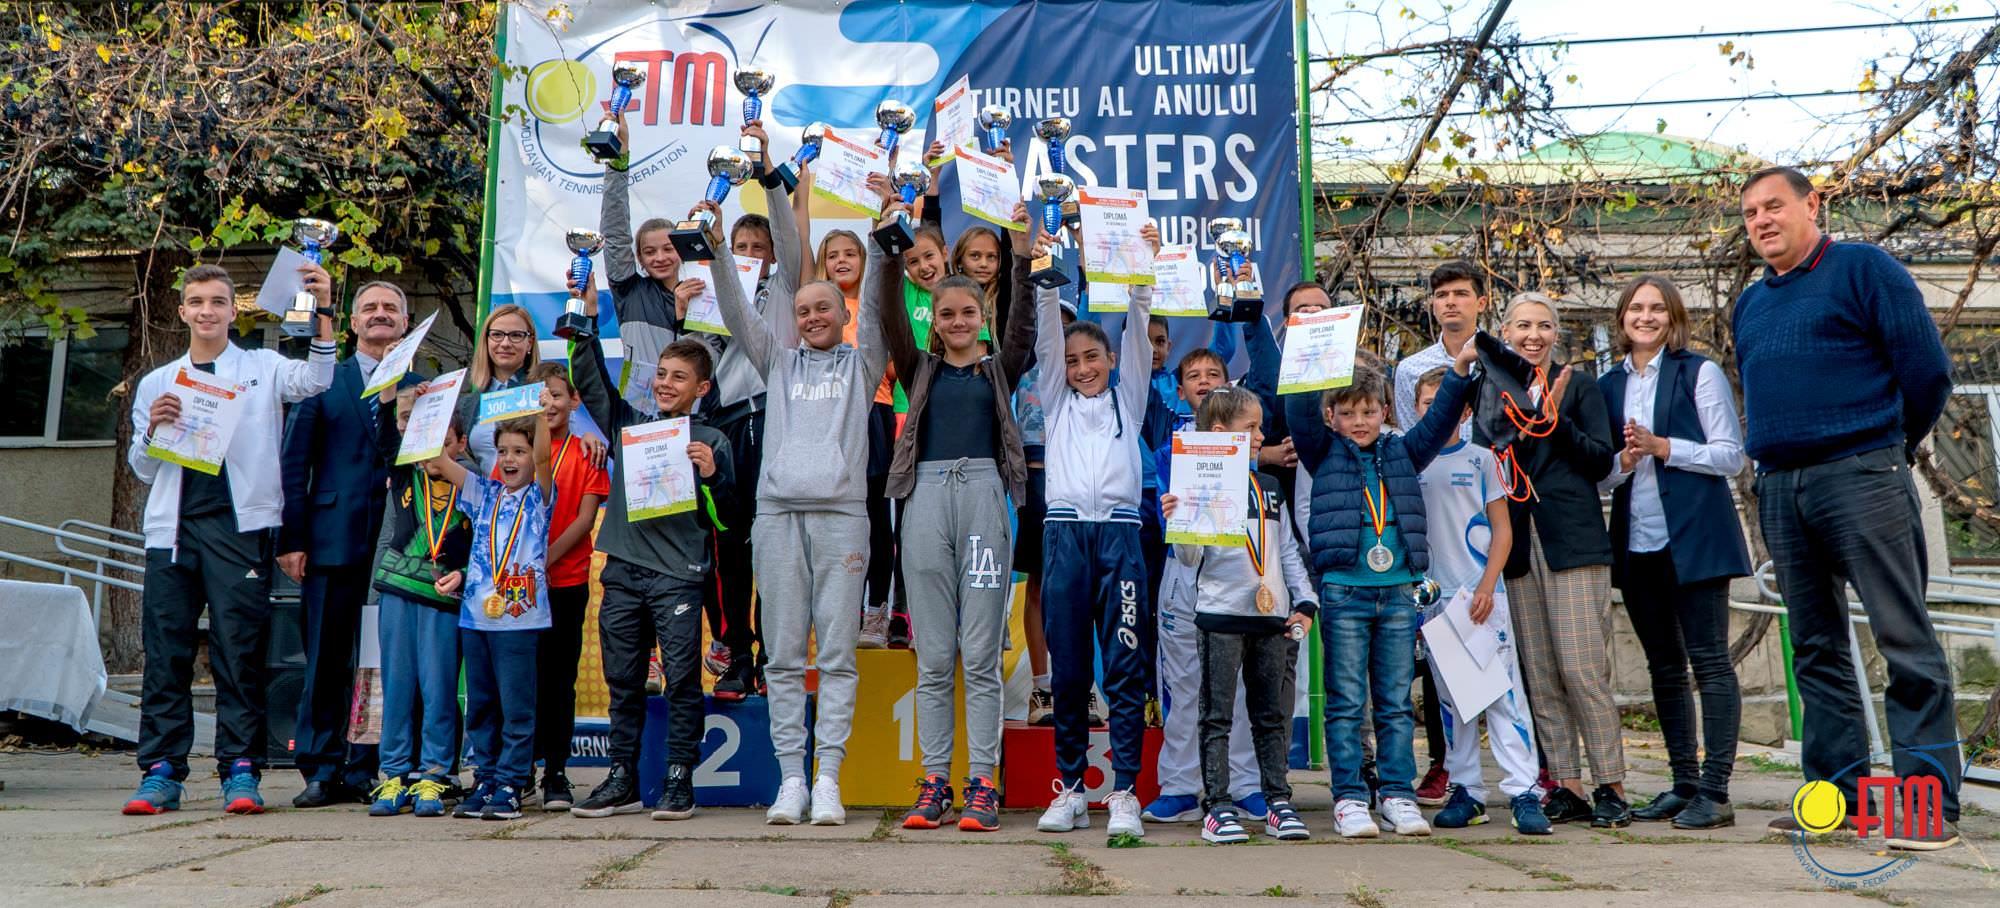 """Ultimul turneu al anului """"Masters RM 2018"""" și-a aflat campionii!"""